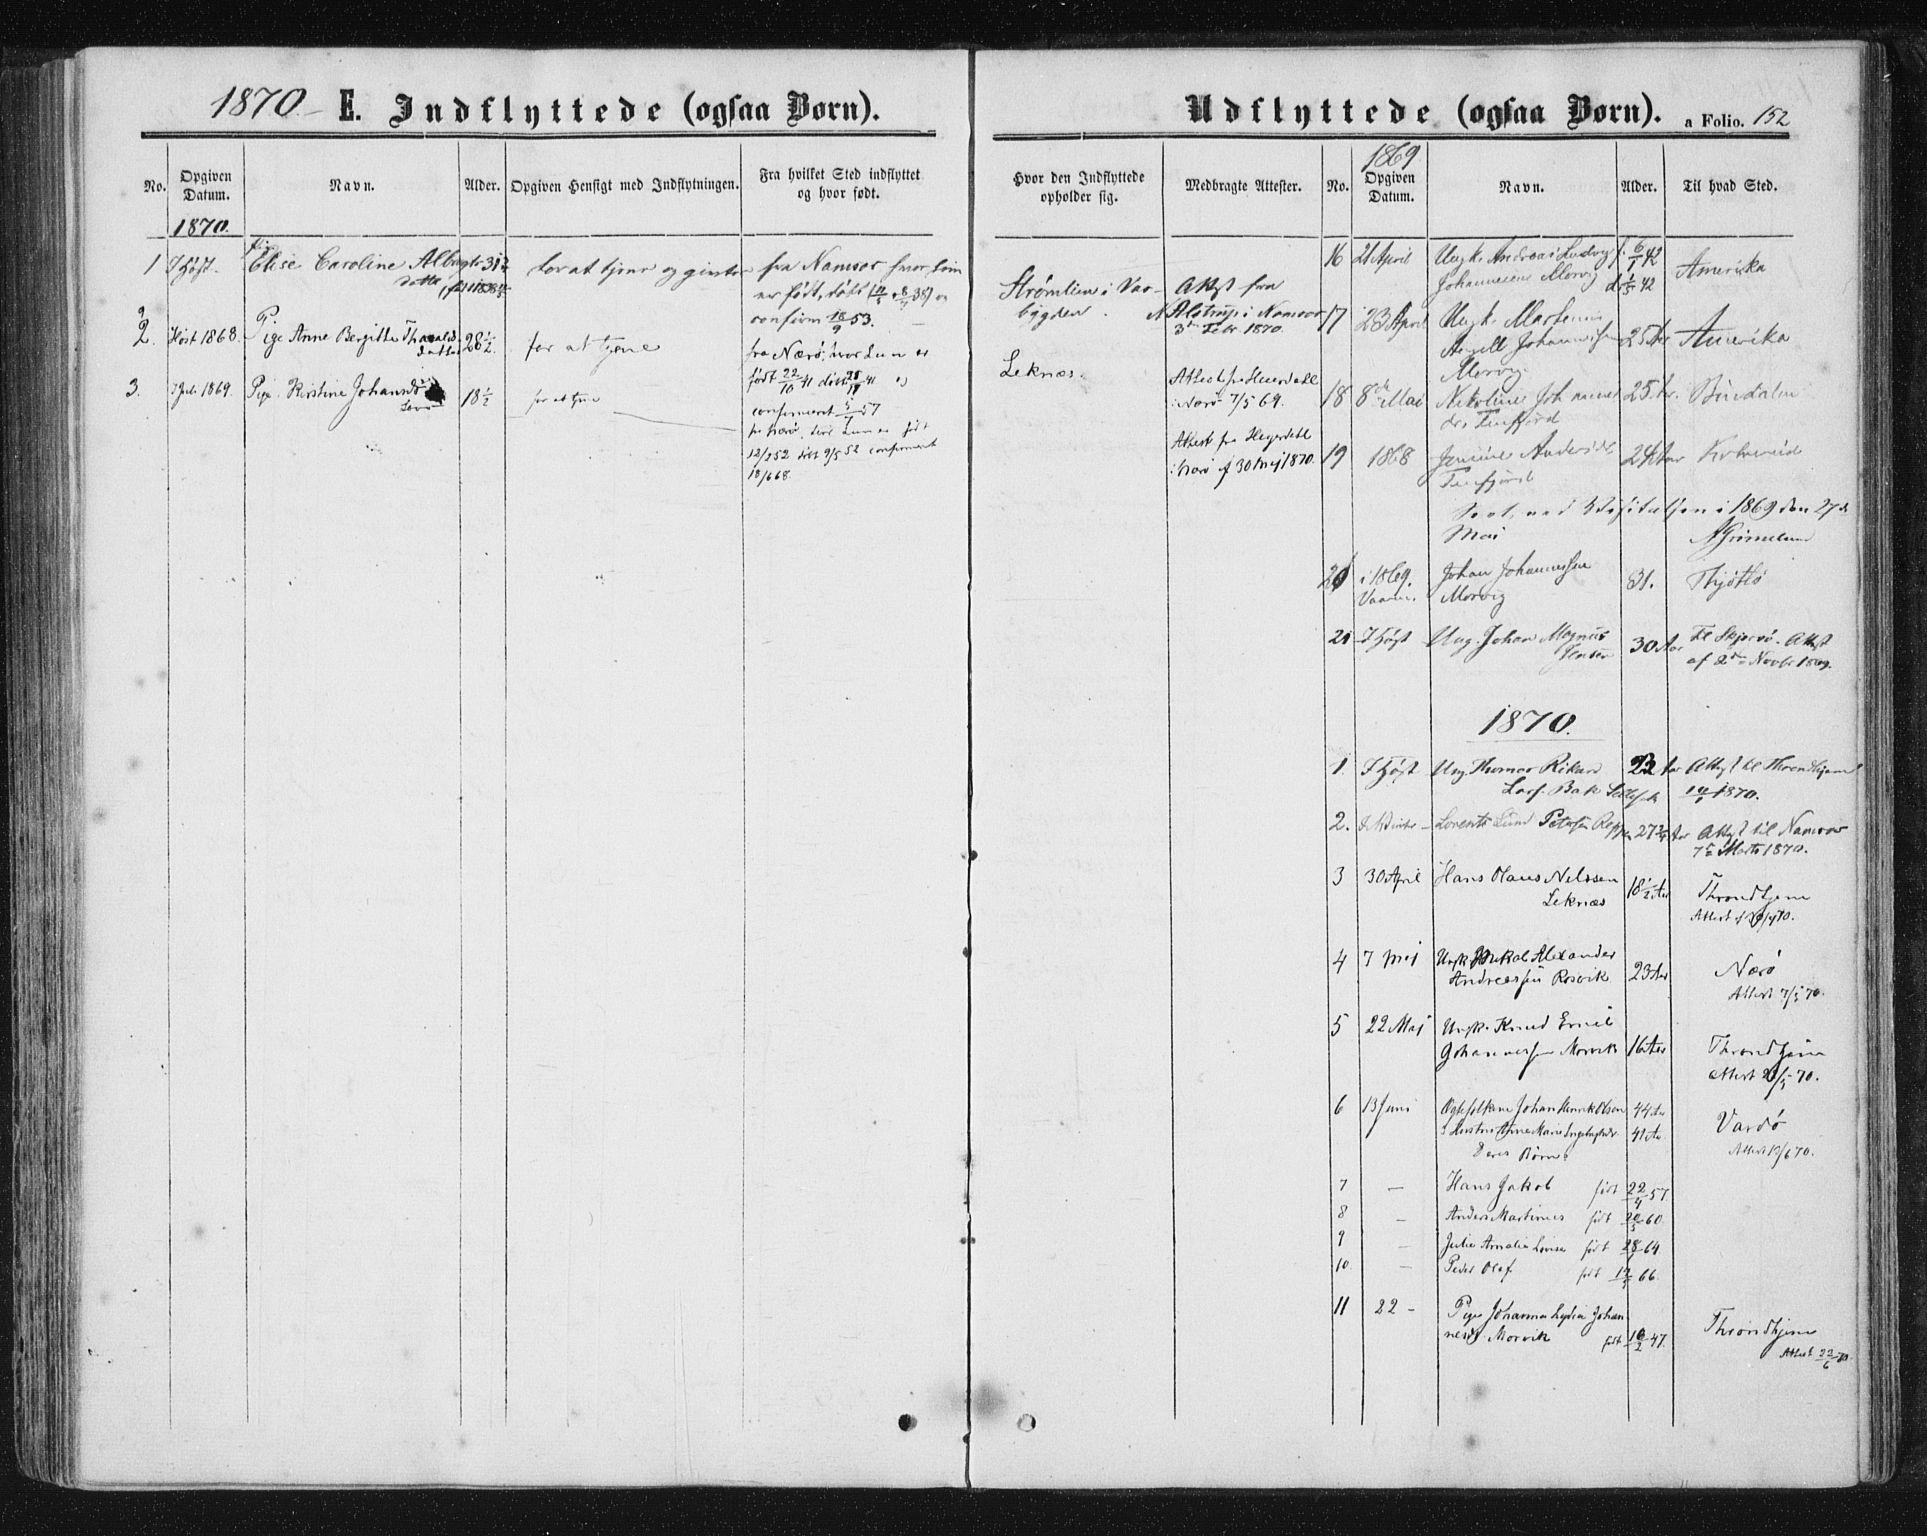 SAT, Ministerialprotokoller, klokkerbøker og fødselsregistre - Nord-Trøndelag, 788/L0696: Ministerialbok nr. 788A03, 1863-1877, s. 152